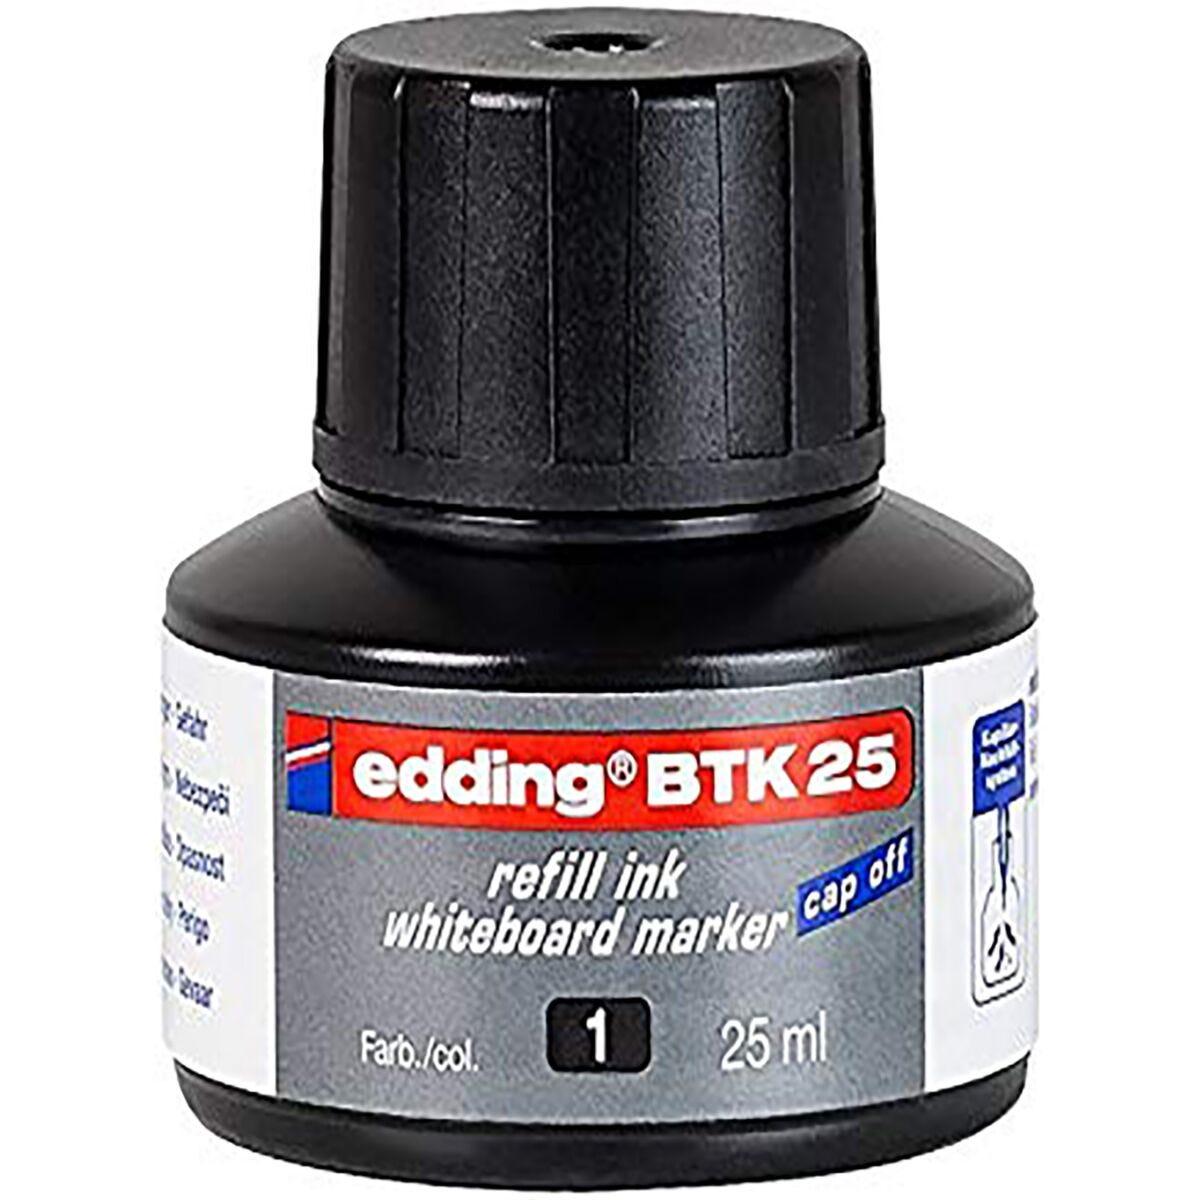 Edding BTK25 Refill ink